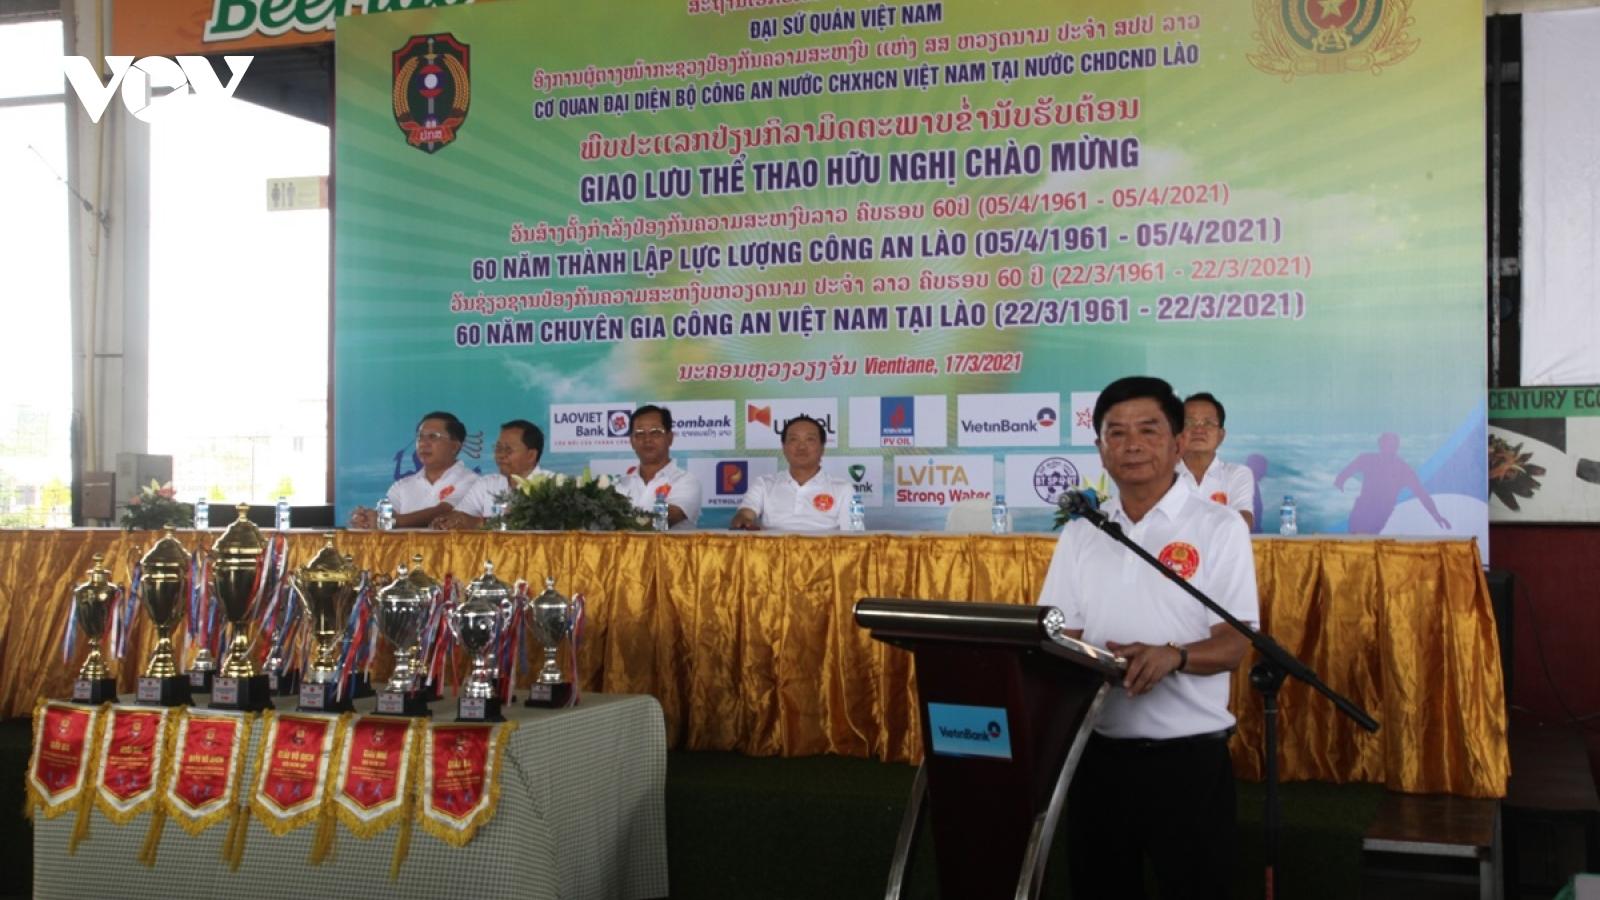 Giao lưu thể thao kỷ niệm 60 năm chuyên gia Công an Việt Nam tại Lào